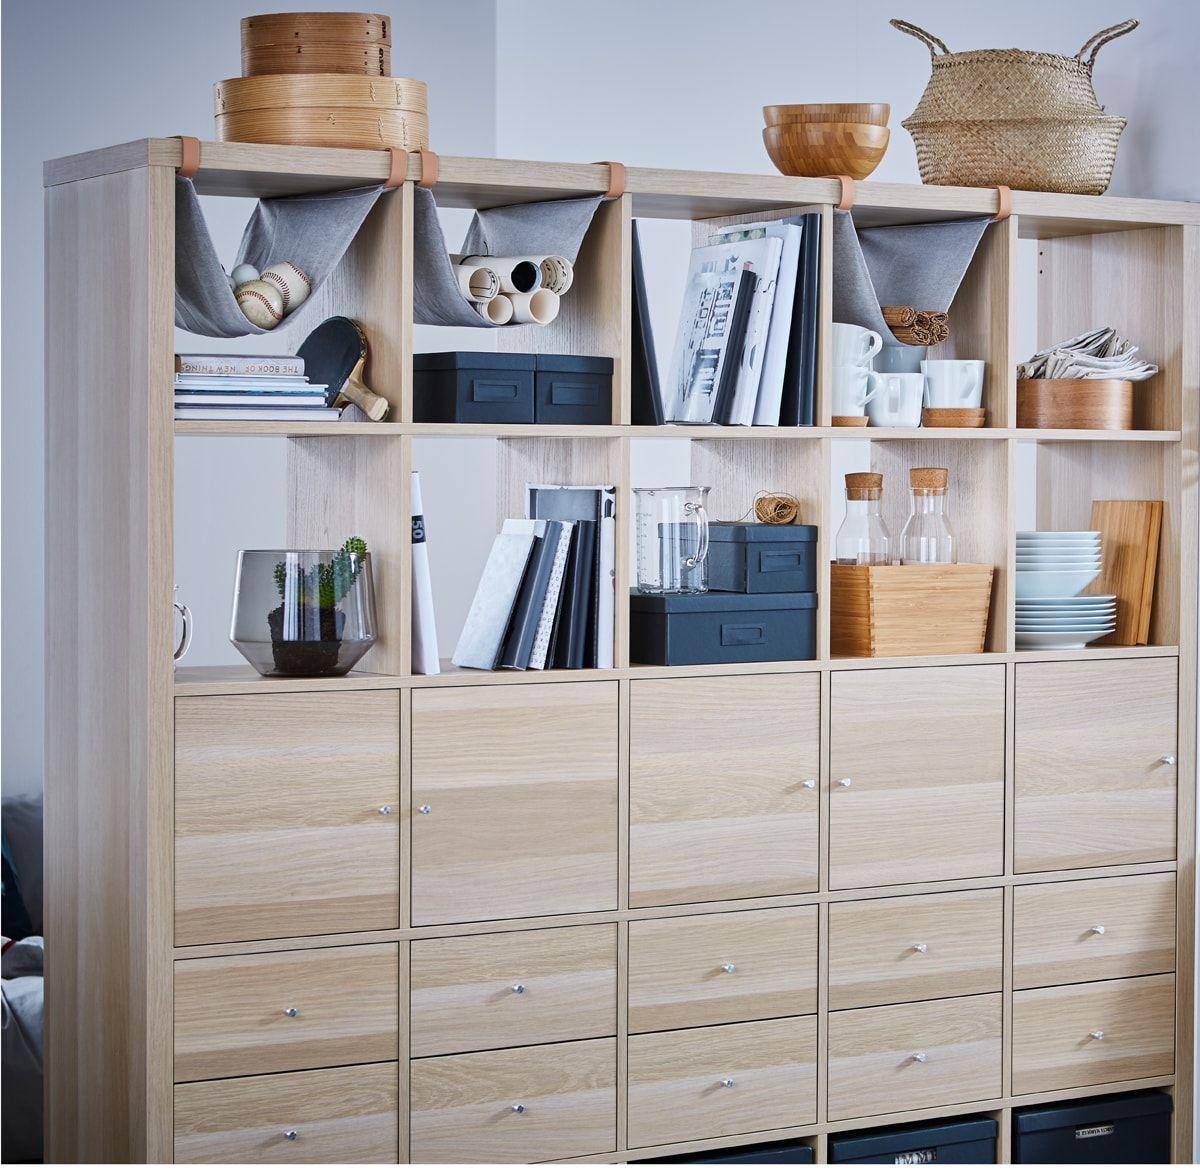 Unser Ikea Kallax Regal Mit 10 Einsätzen Eicheneffekt Weiß Lasiert Lässt Sich Als Raumtei Raumteiler Ideen Diy Kleine Wohnung Tipps Umfunktionierte Möbelstücke